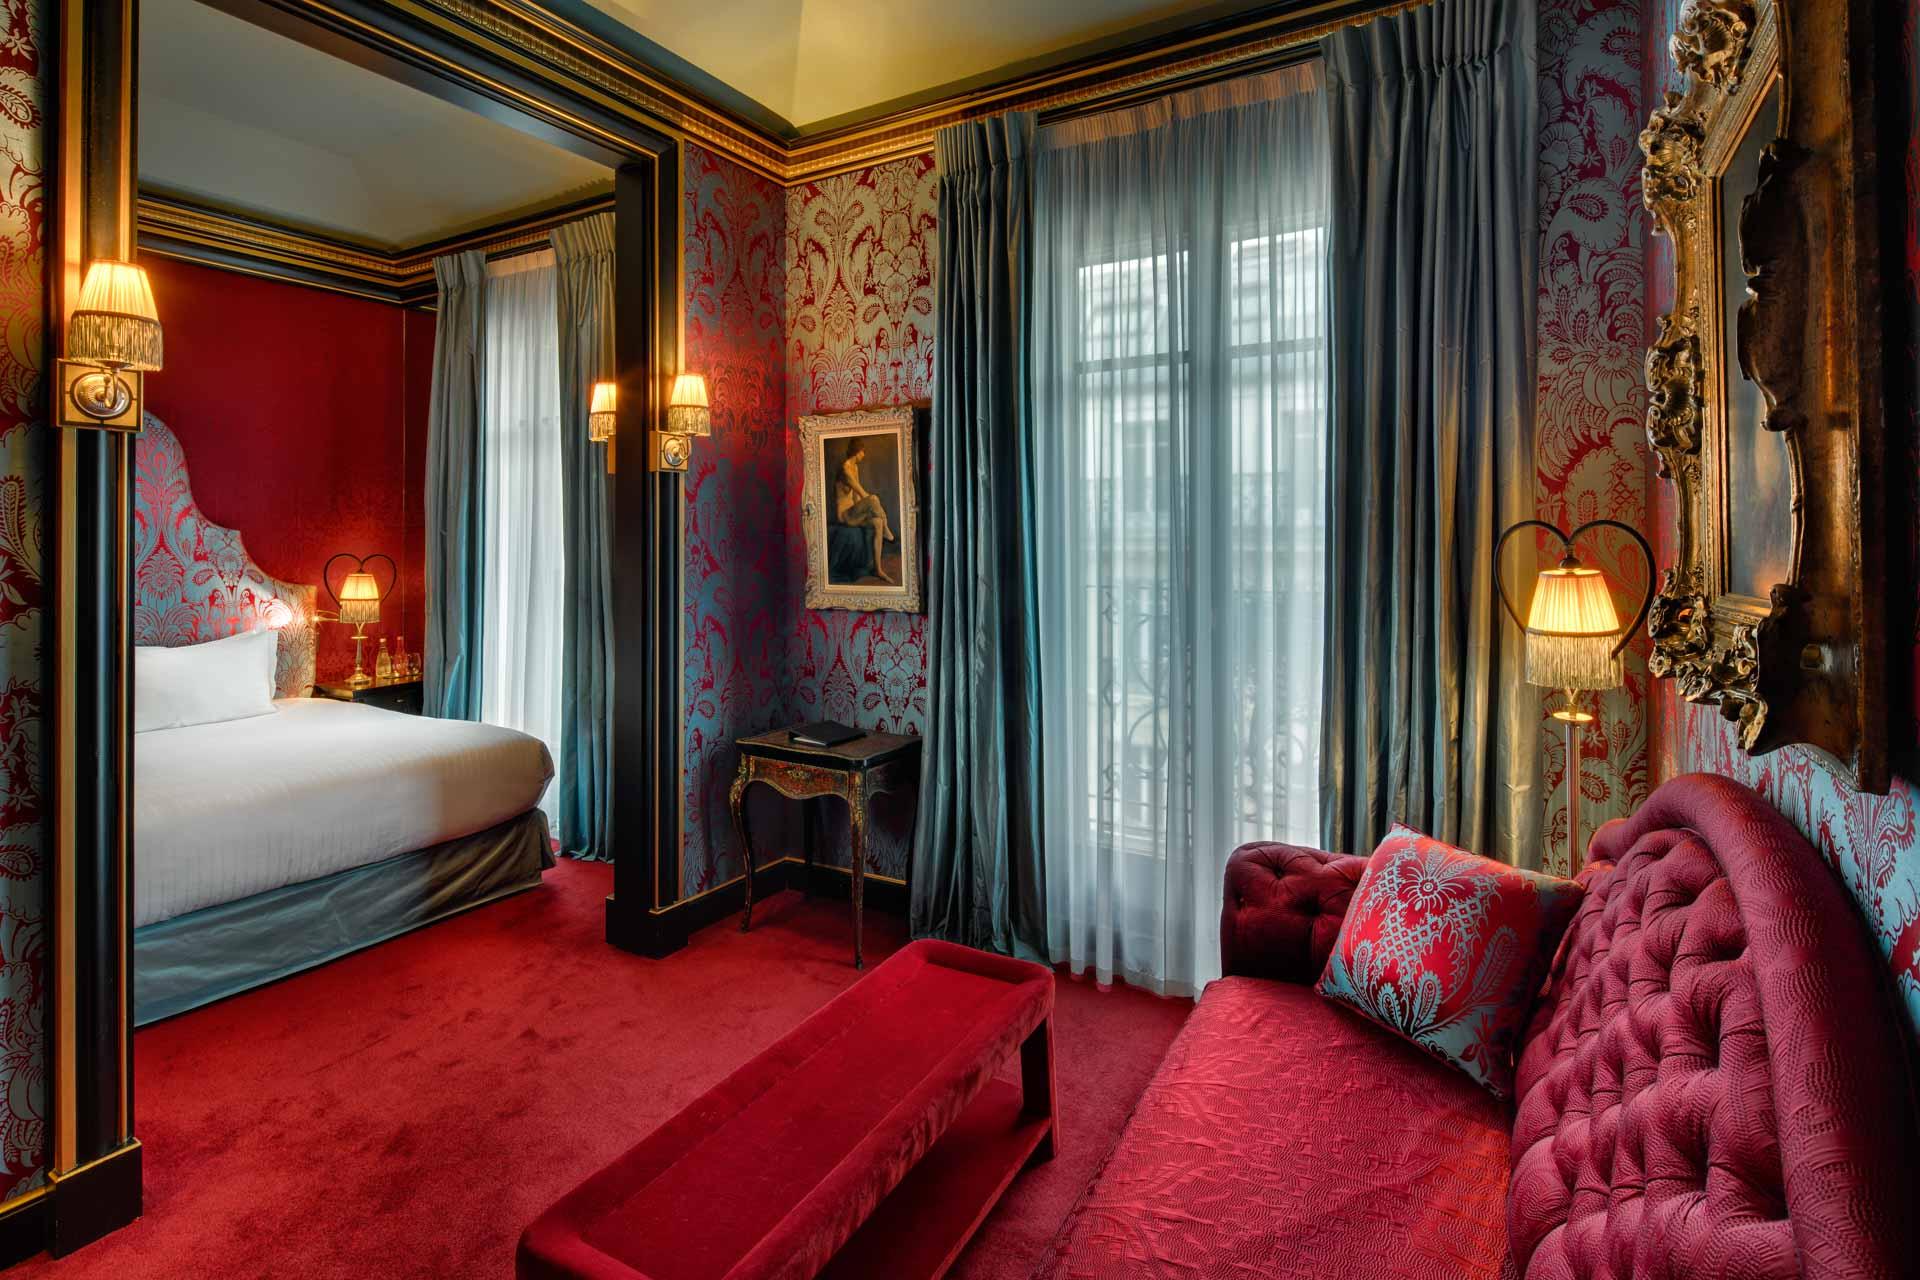 Luxury Boutique Hotel Maison Souquet Paris - Jan Prerovsky ...